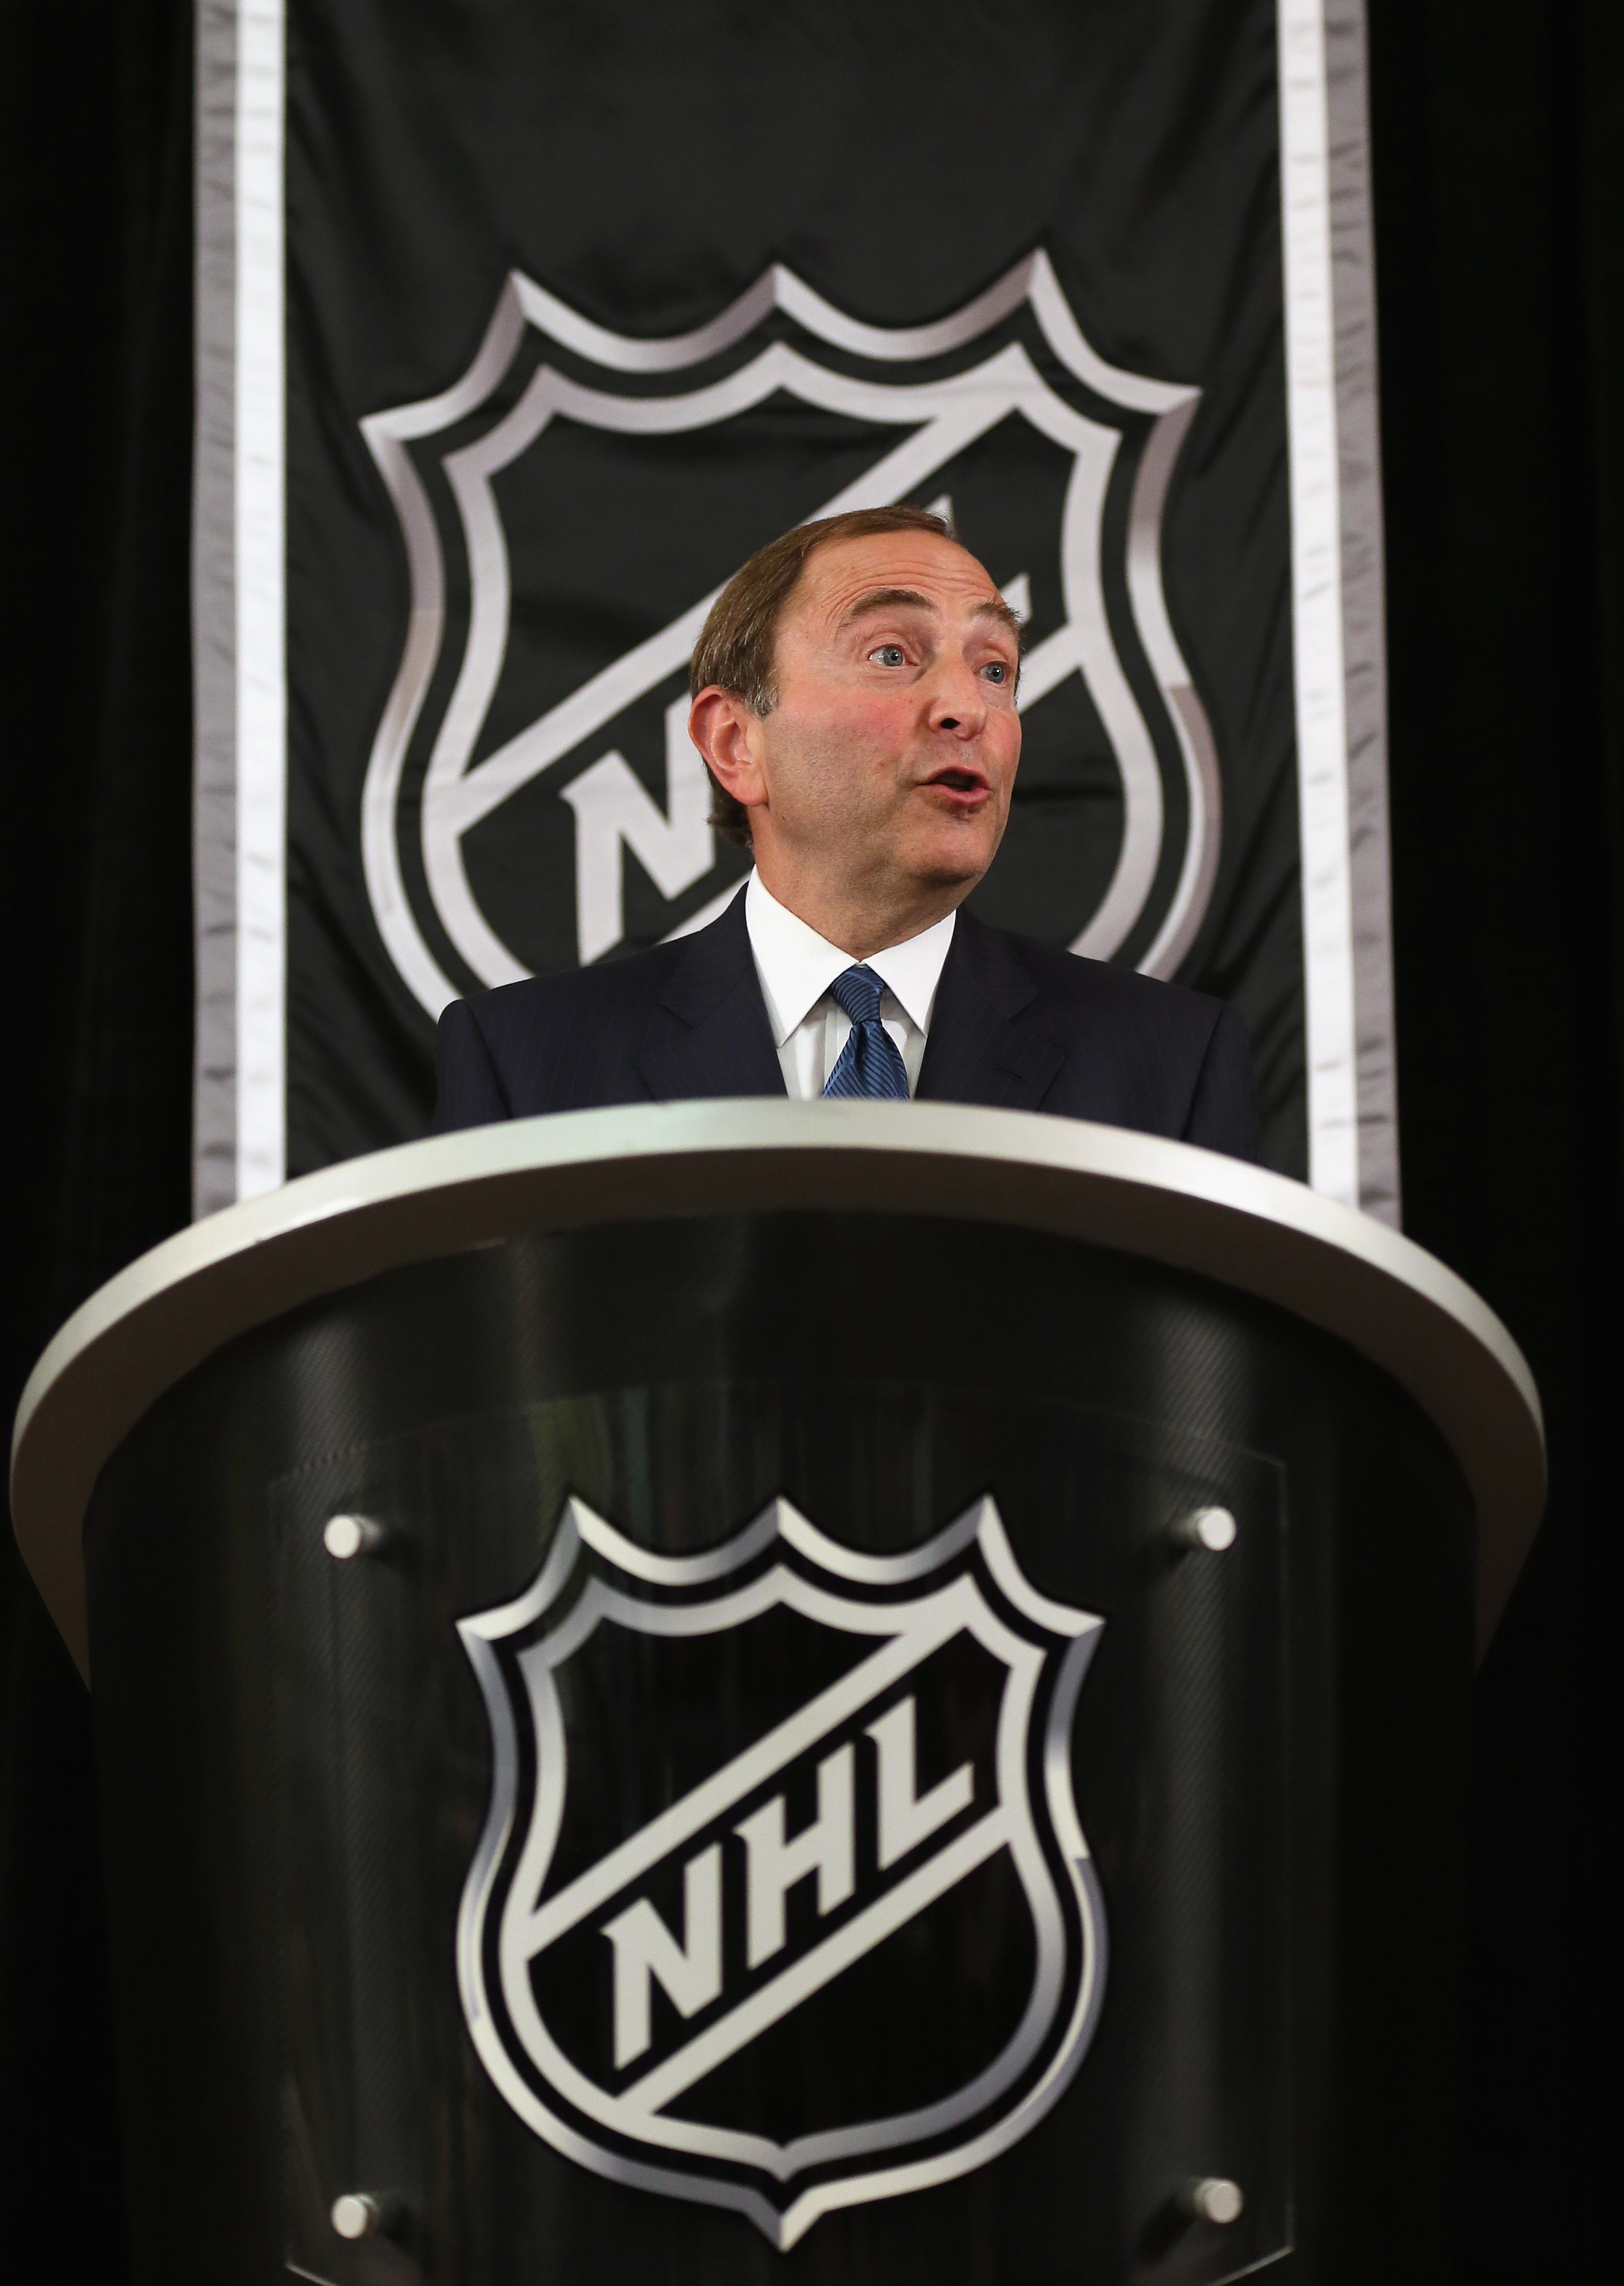 NHL Media Availability